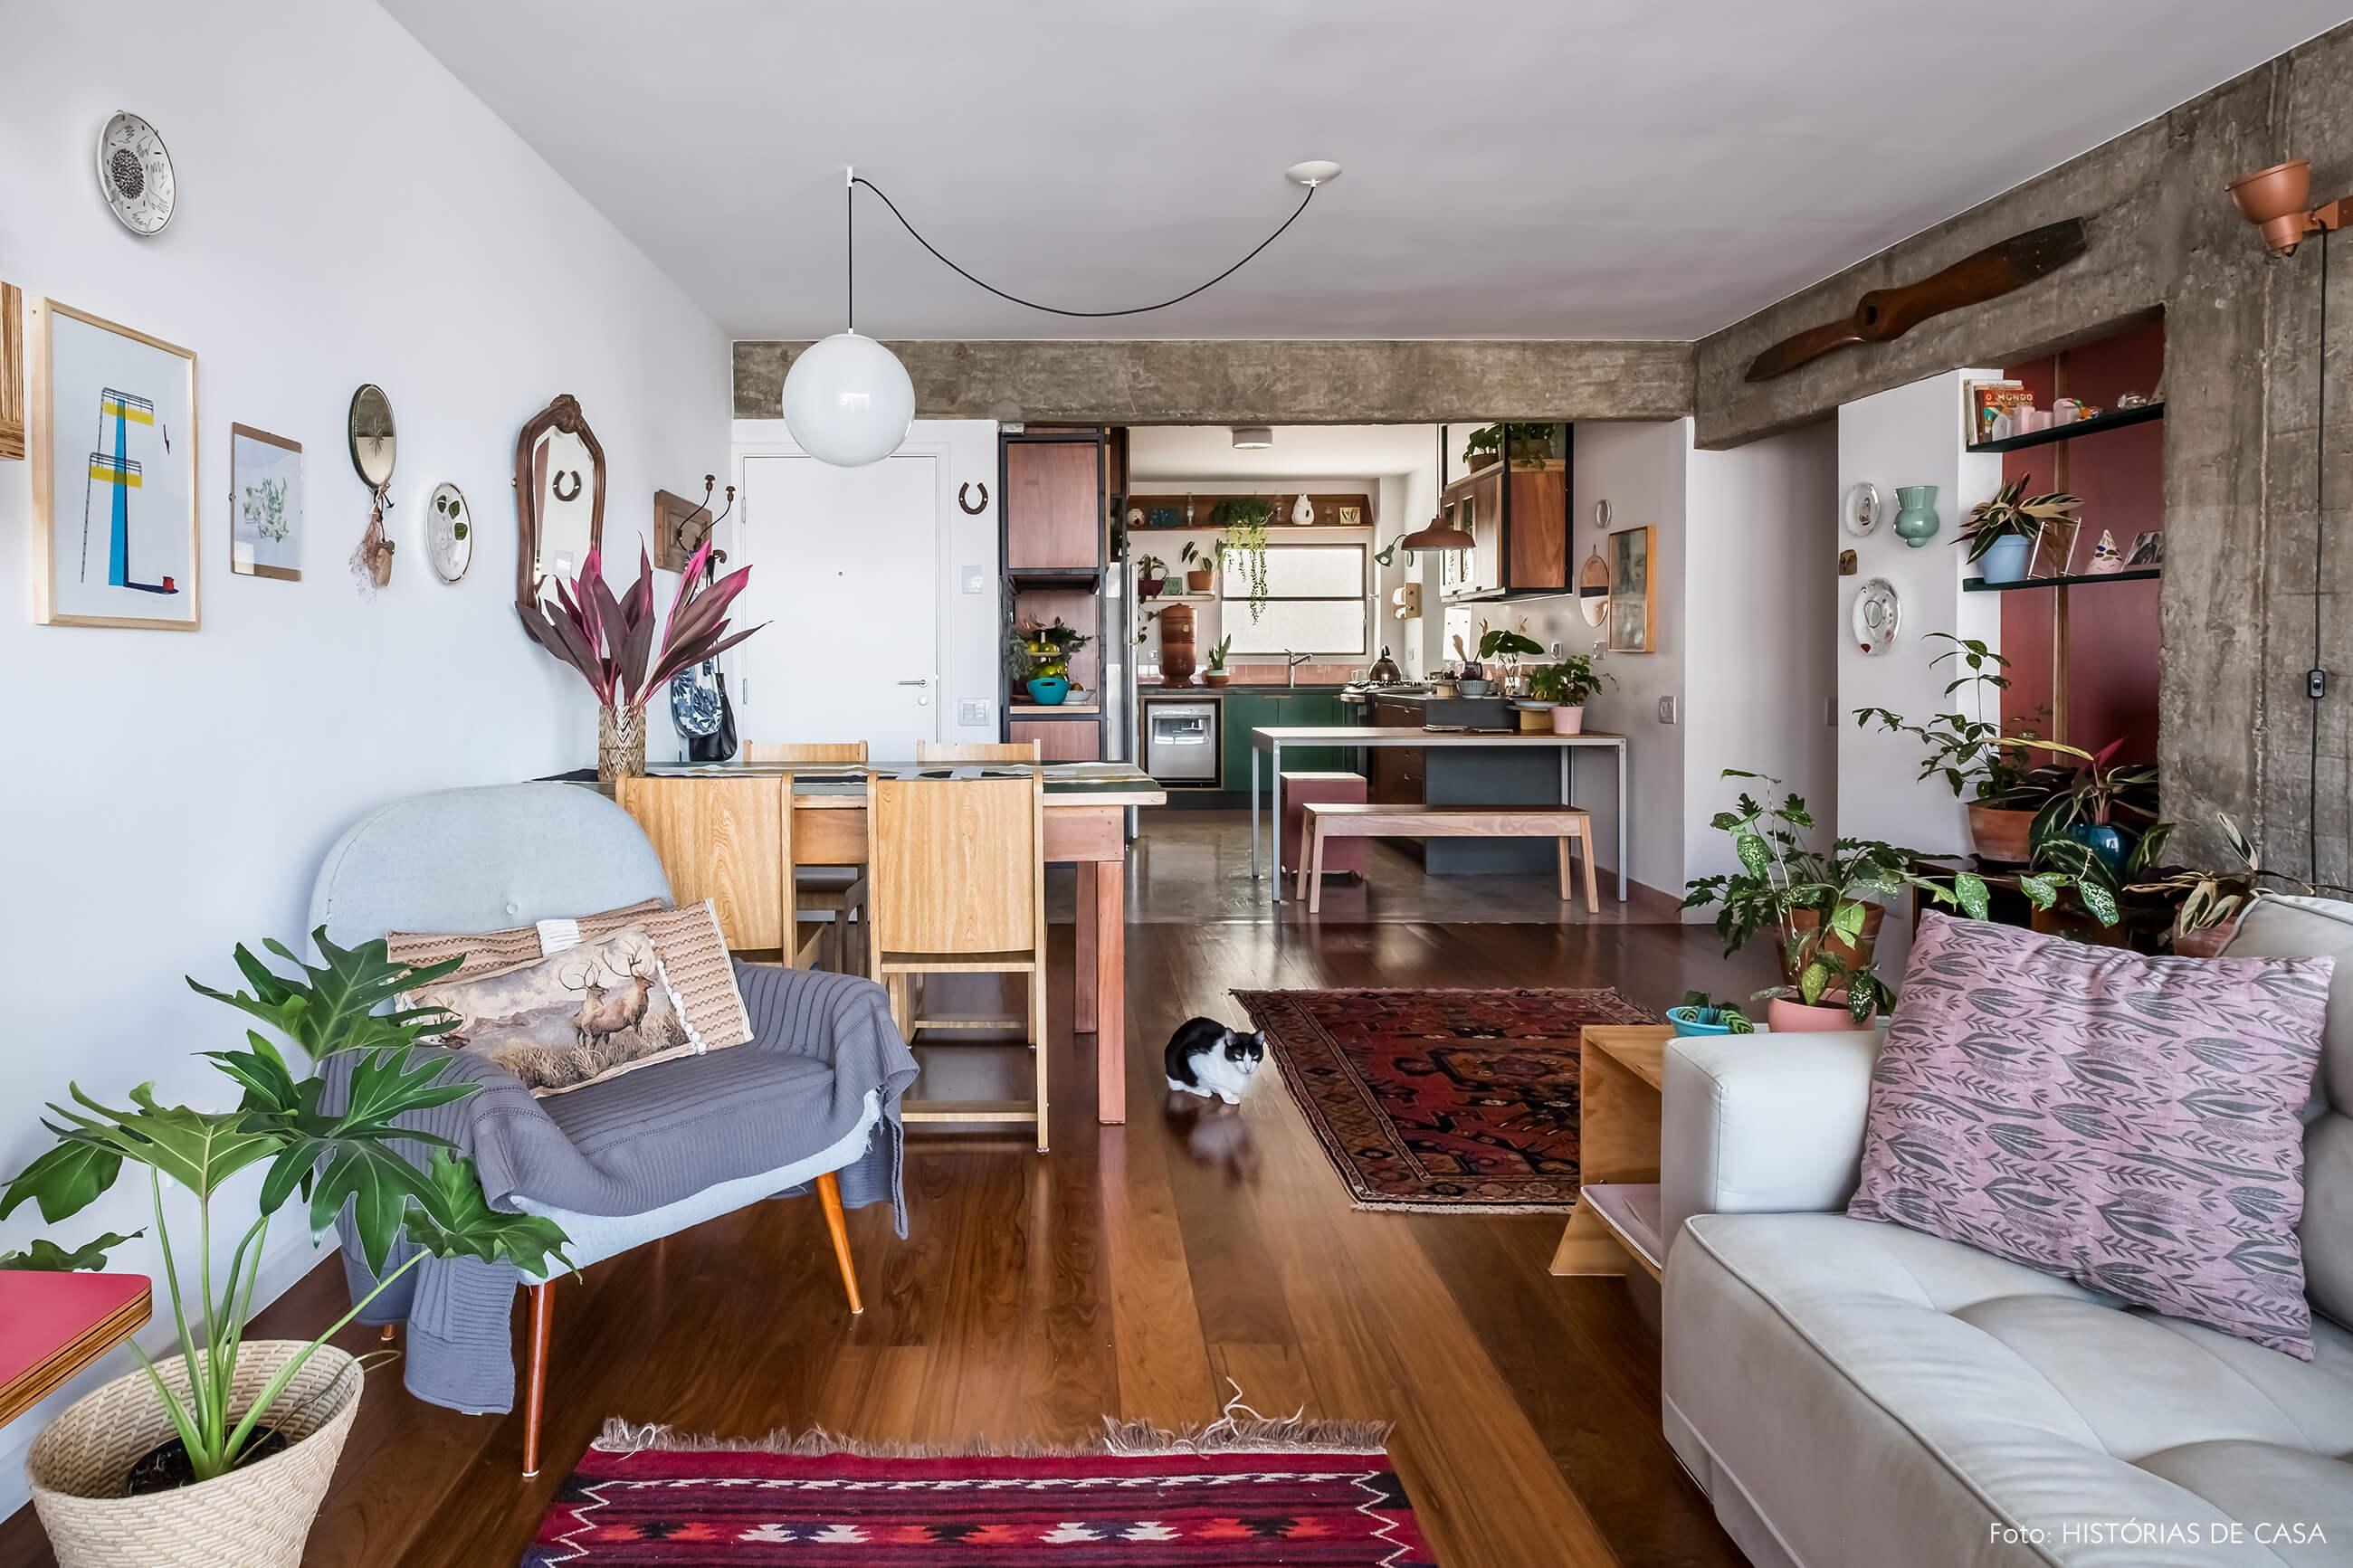 Apartamento com sala integrada e piso de madeira, pilares de concreto e plantas